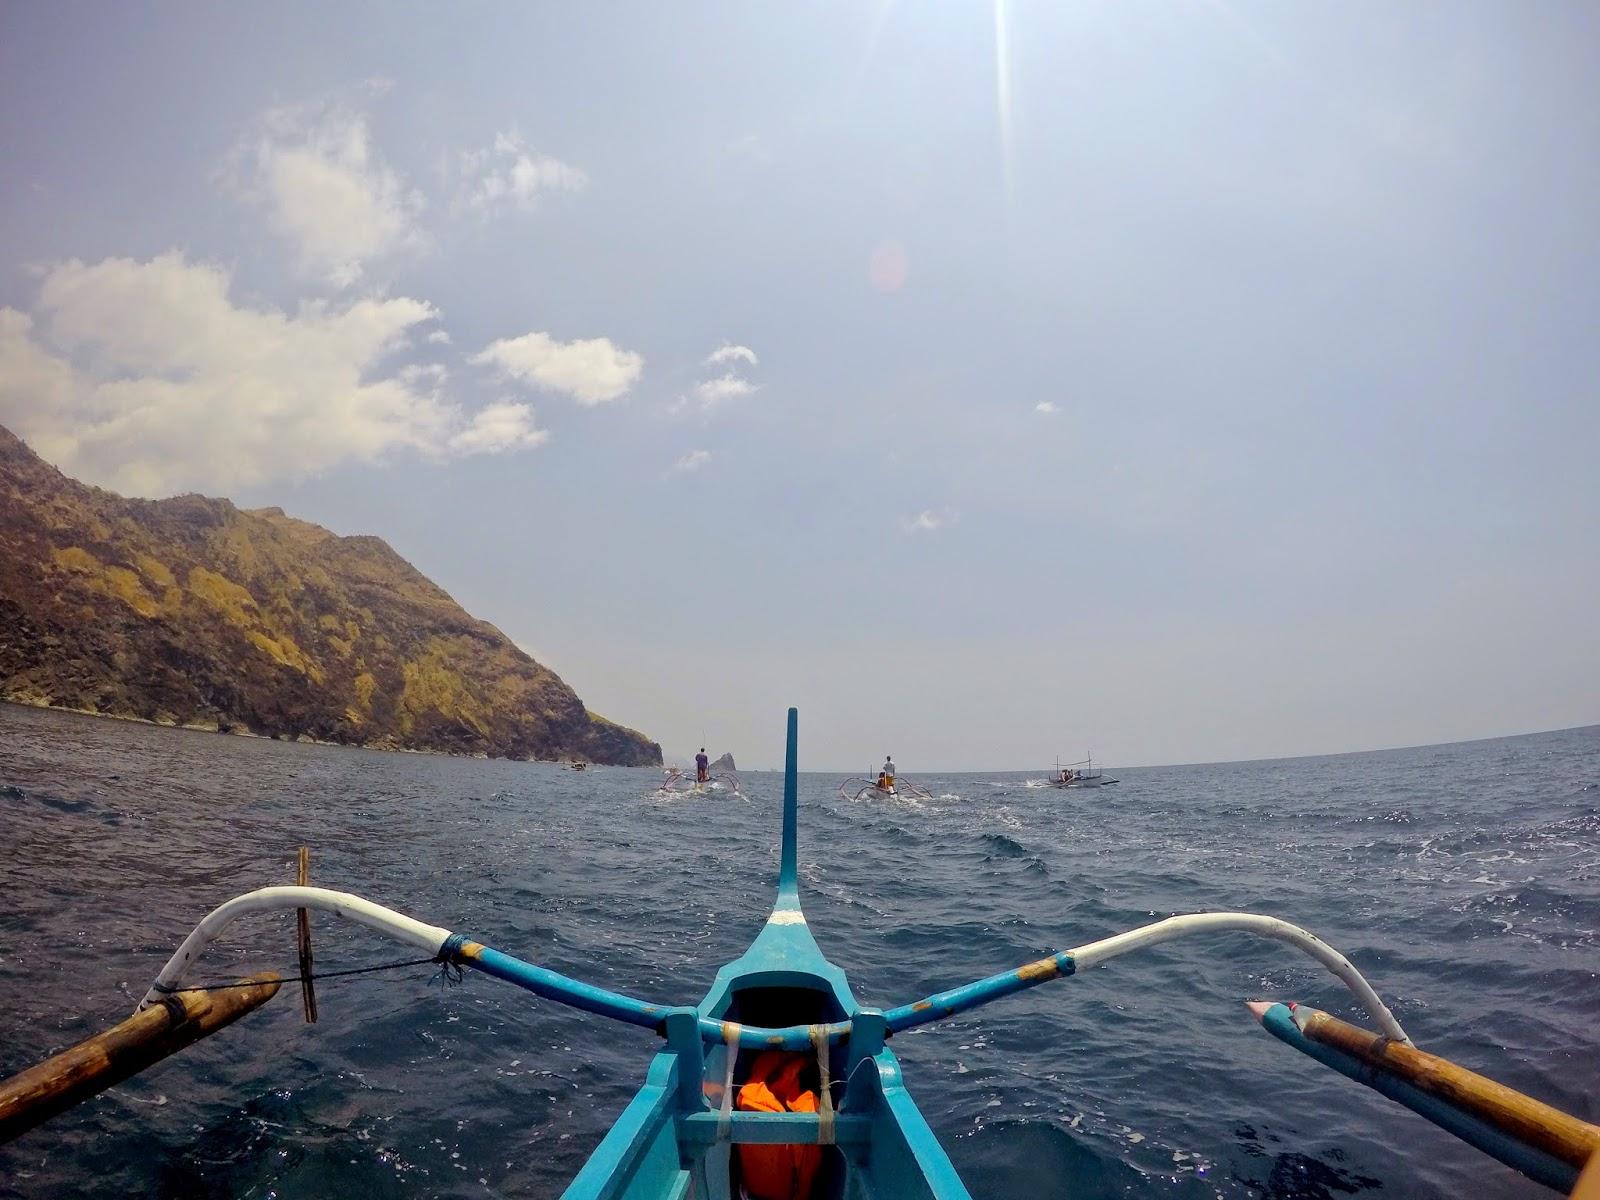 Boat ride in Zambales